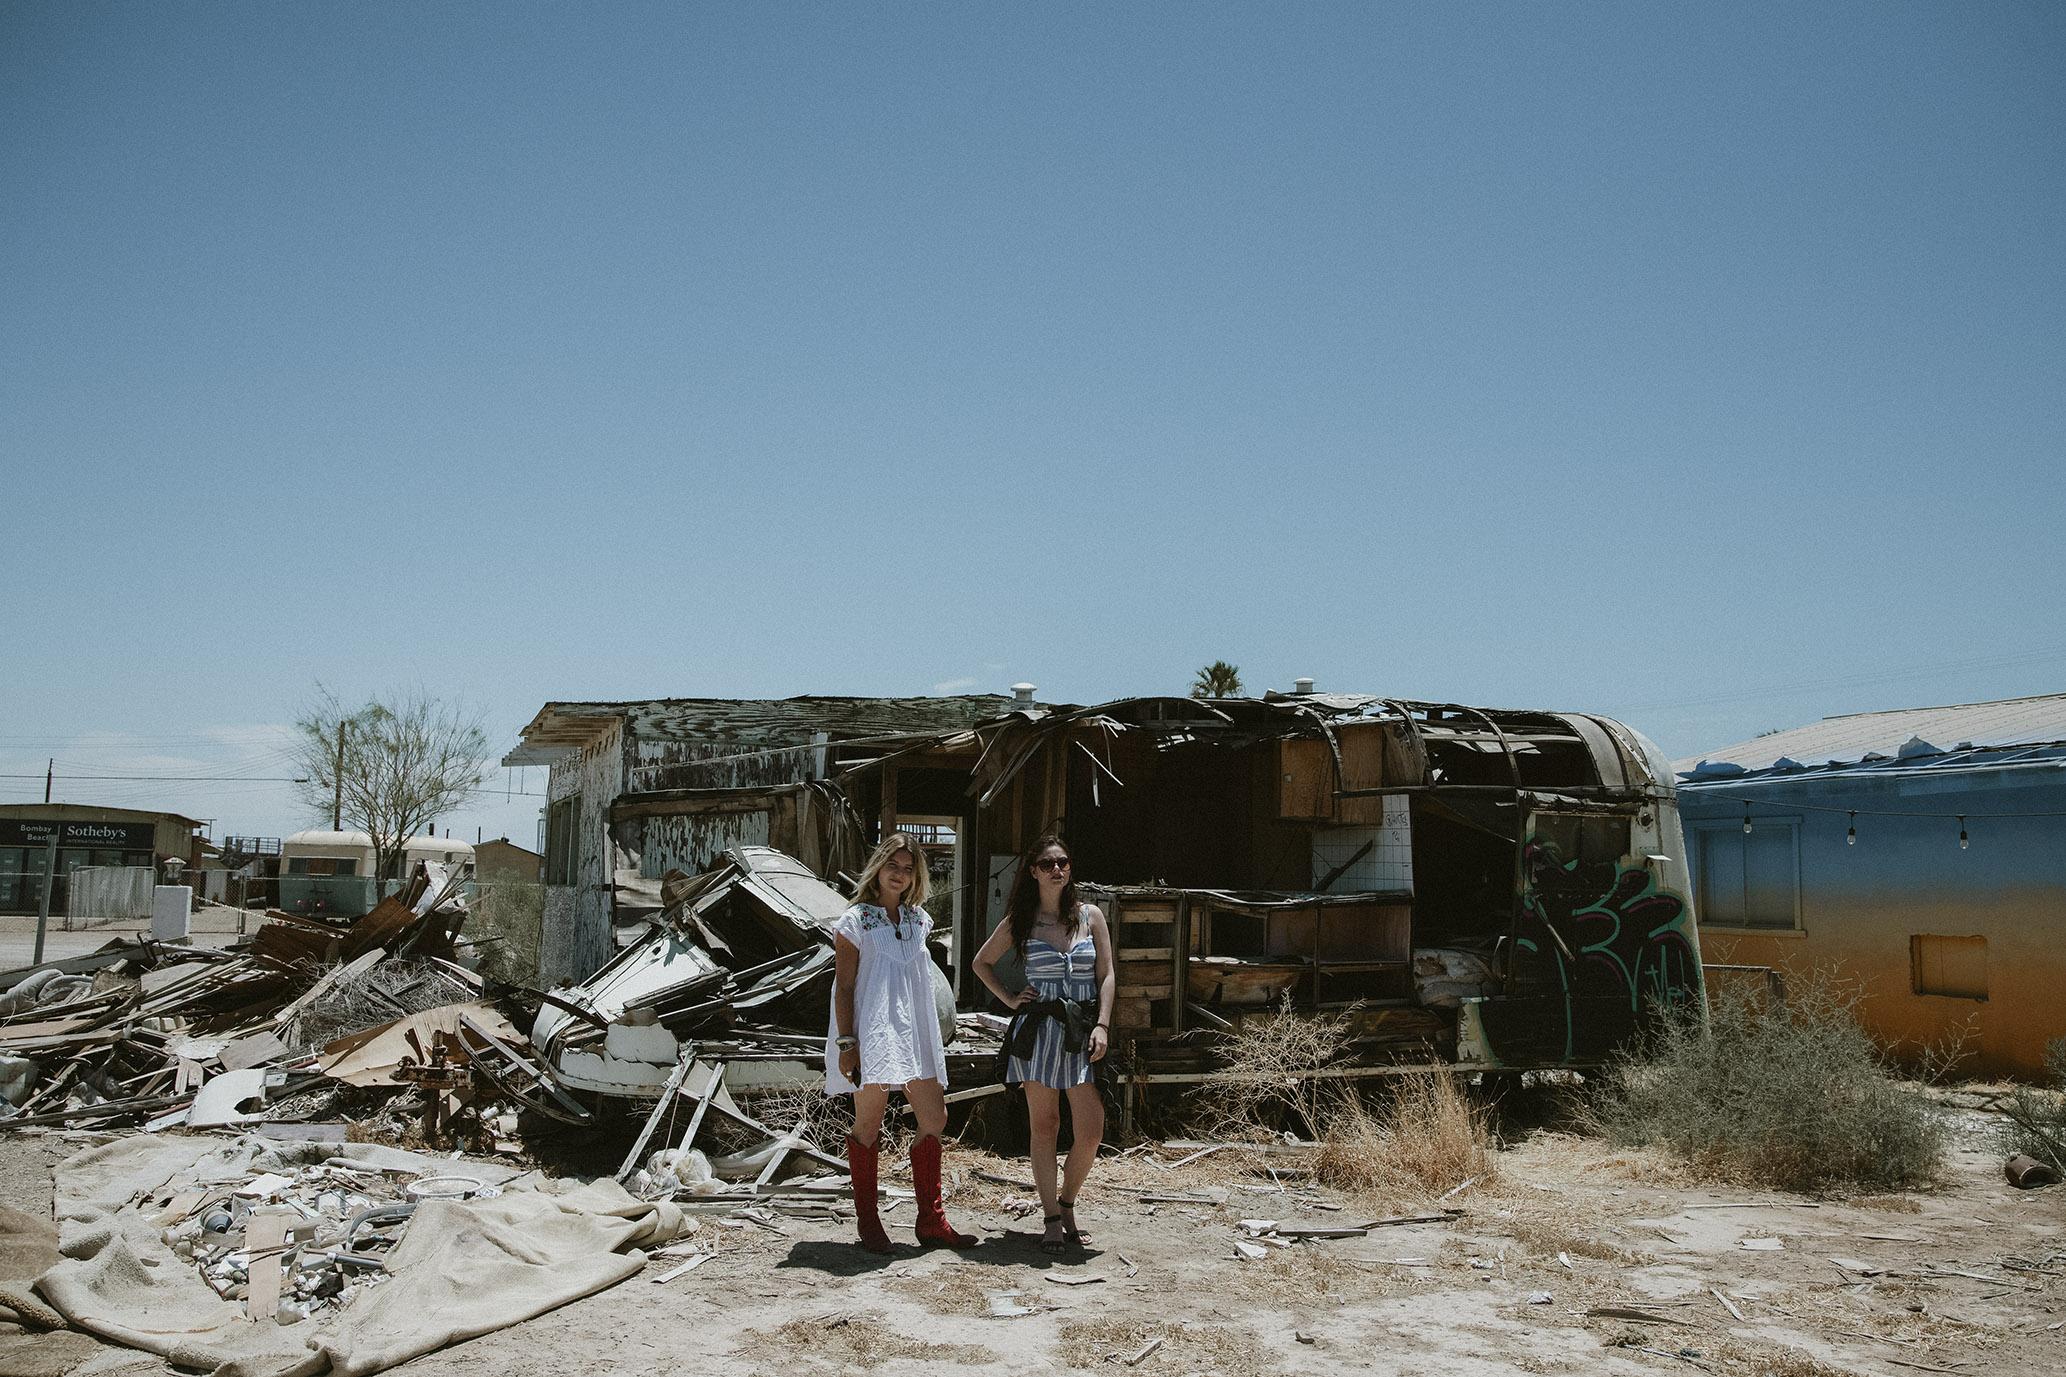 bombay-beach-ruins.jpg